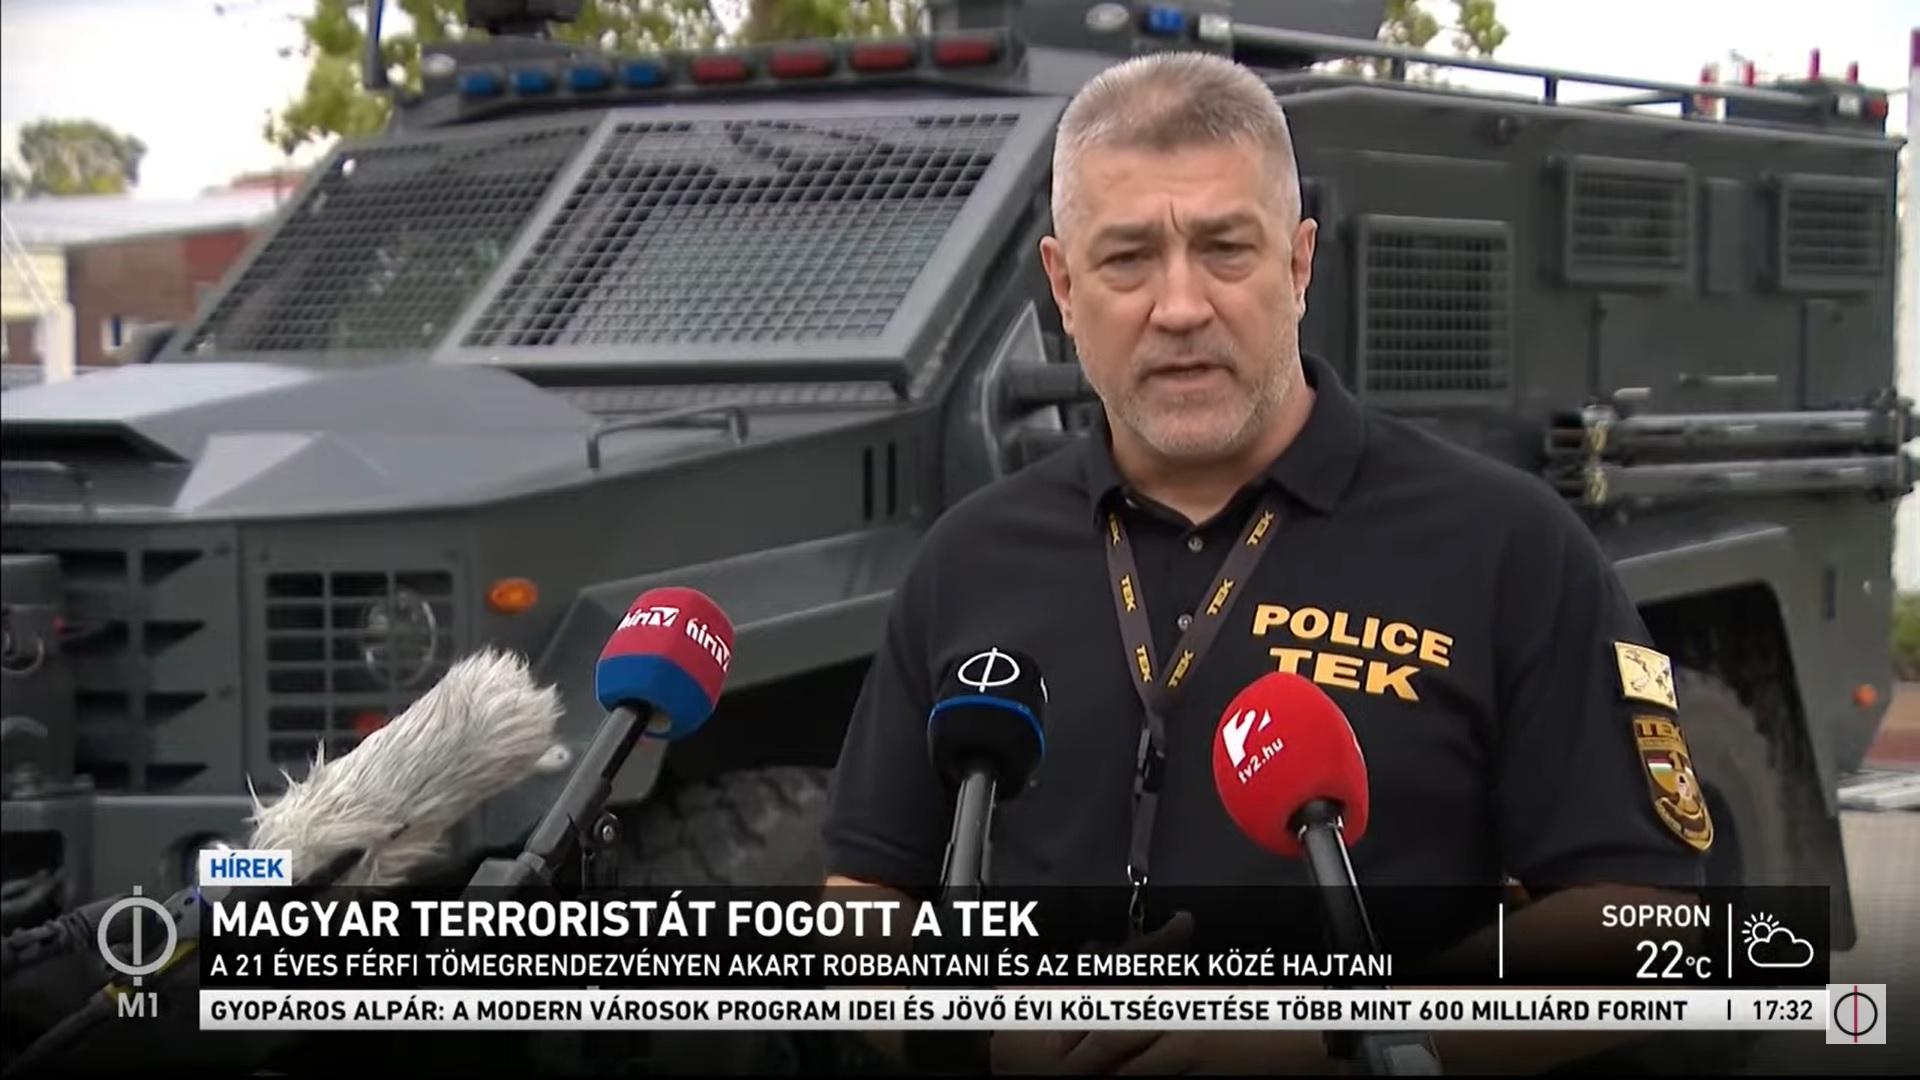 A TEK főigazgatója szerint két terrortámadást akart végrehajtani a Kecskeméten elfogott iszlamista